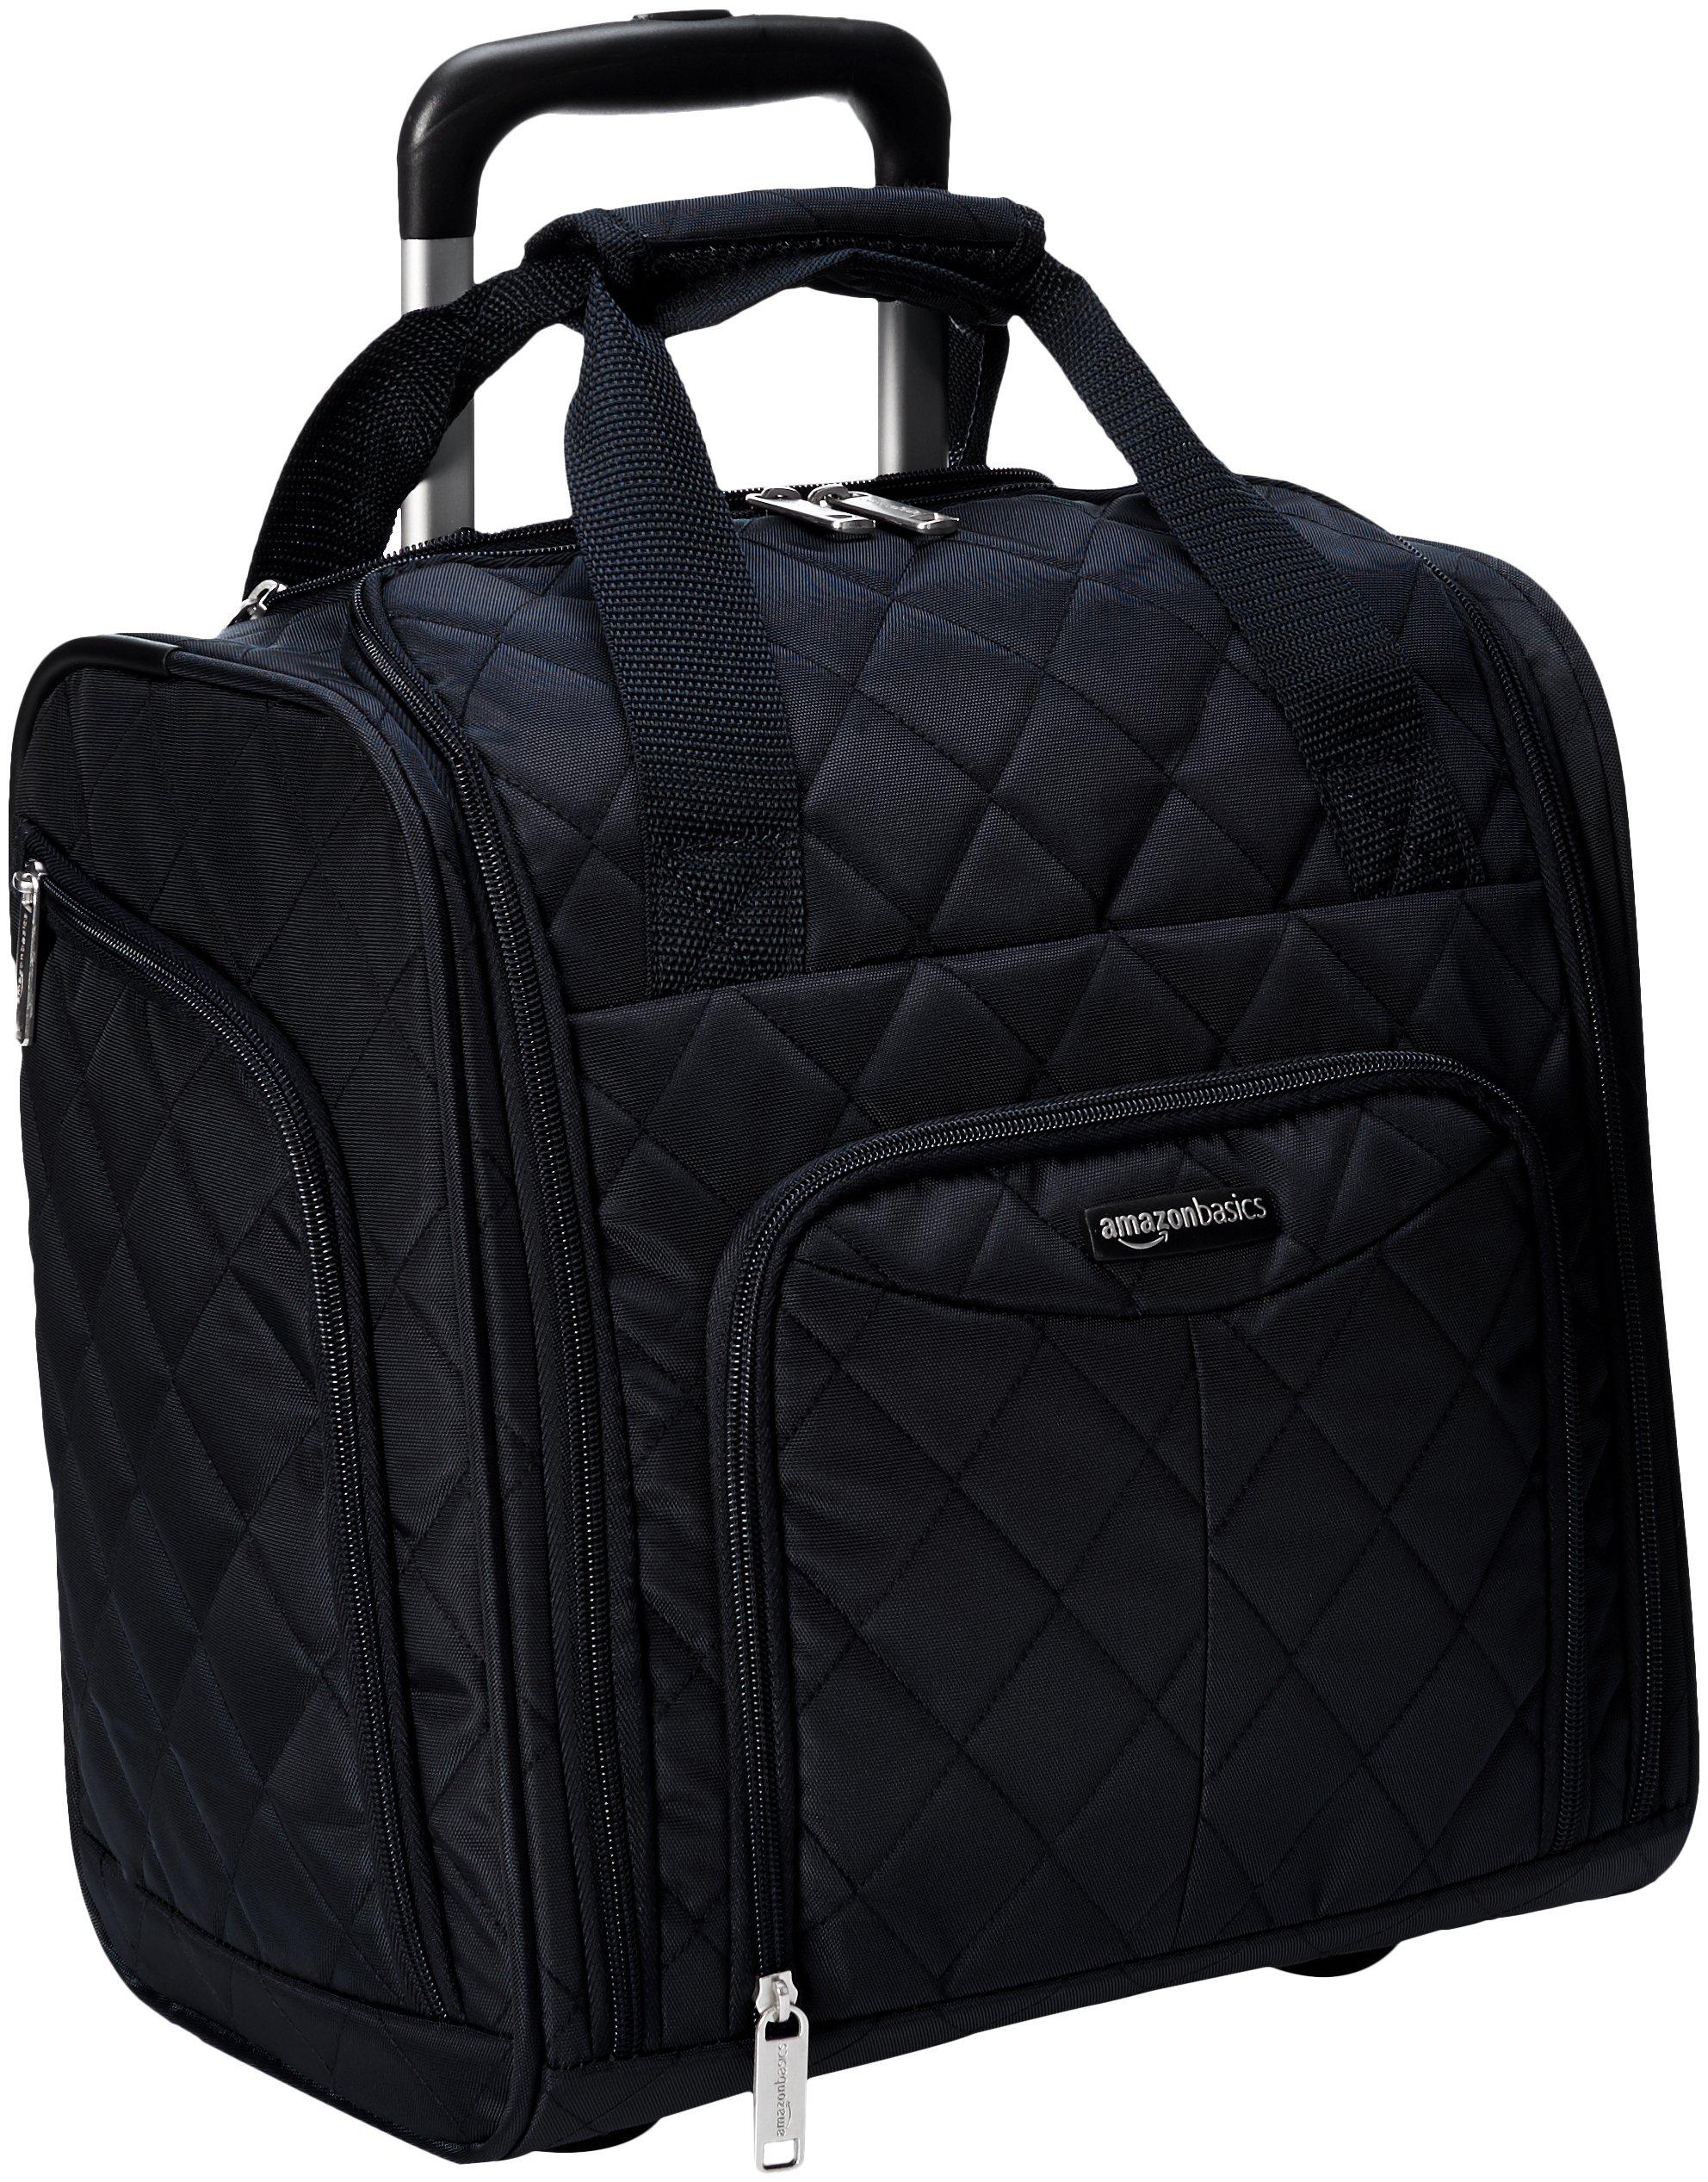 AmazonBasics Underseat Rolling Travel Luggage